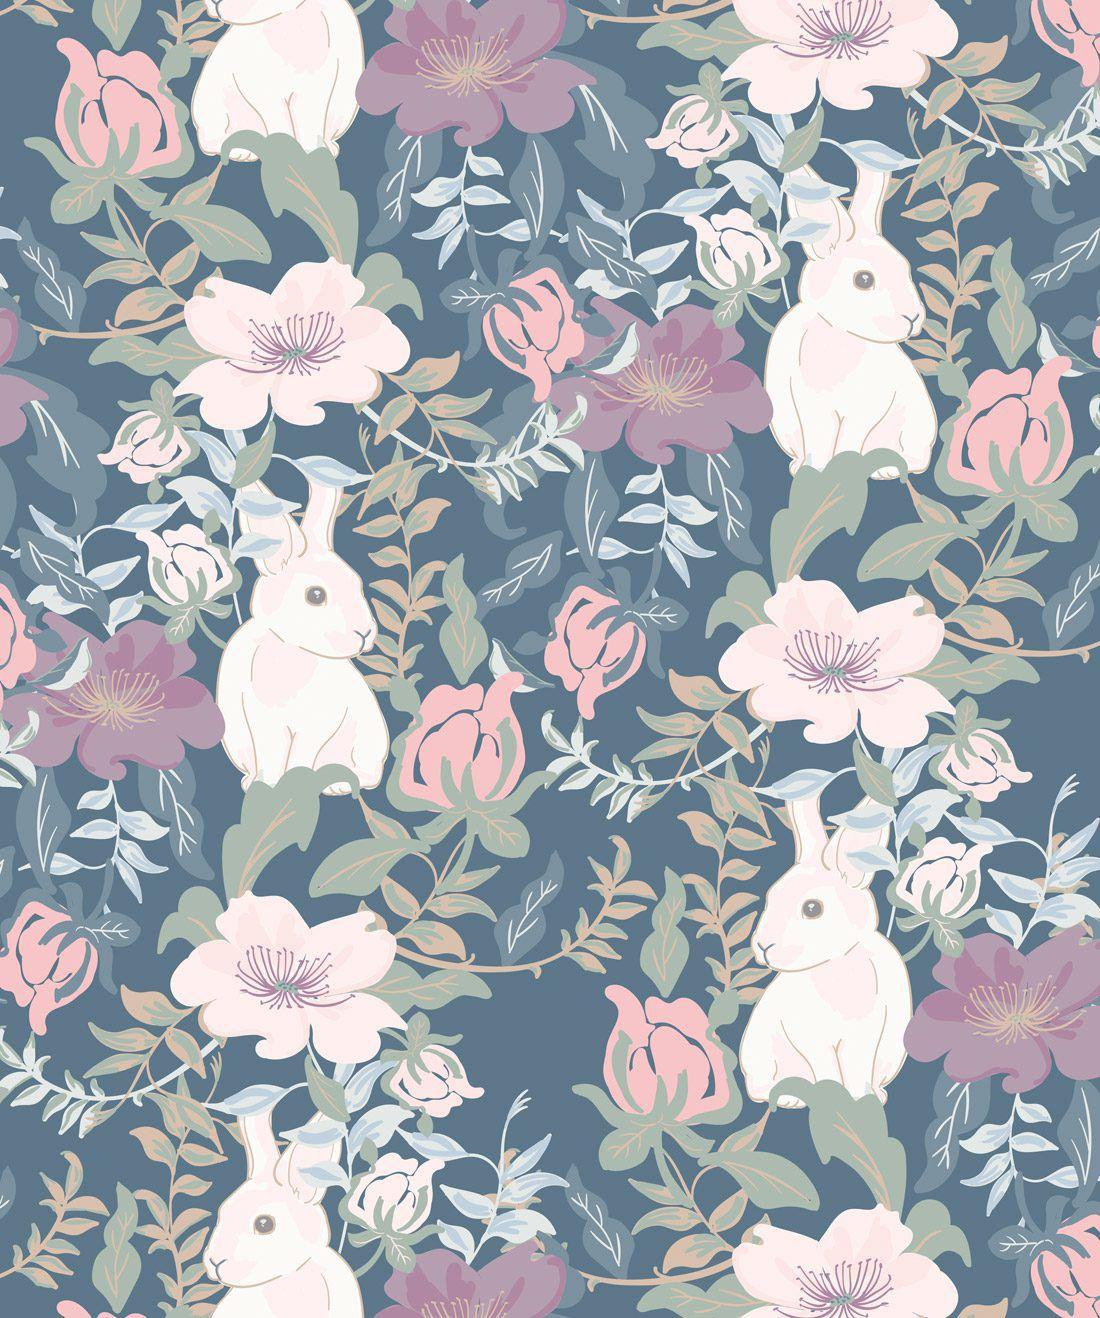 Garden Bunny Pastels